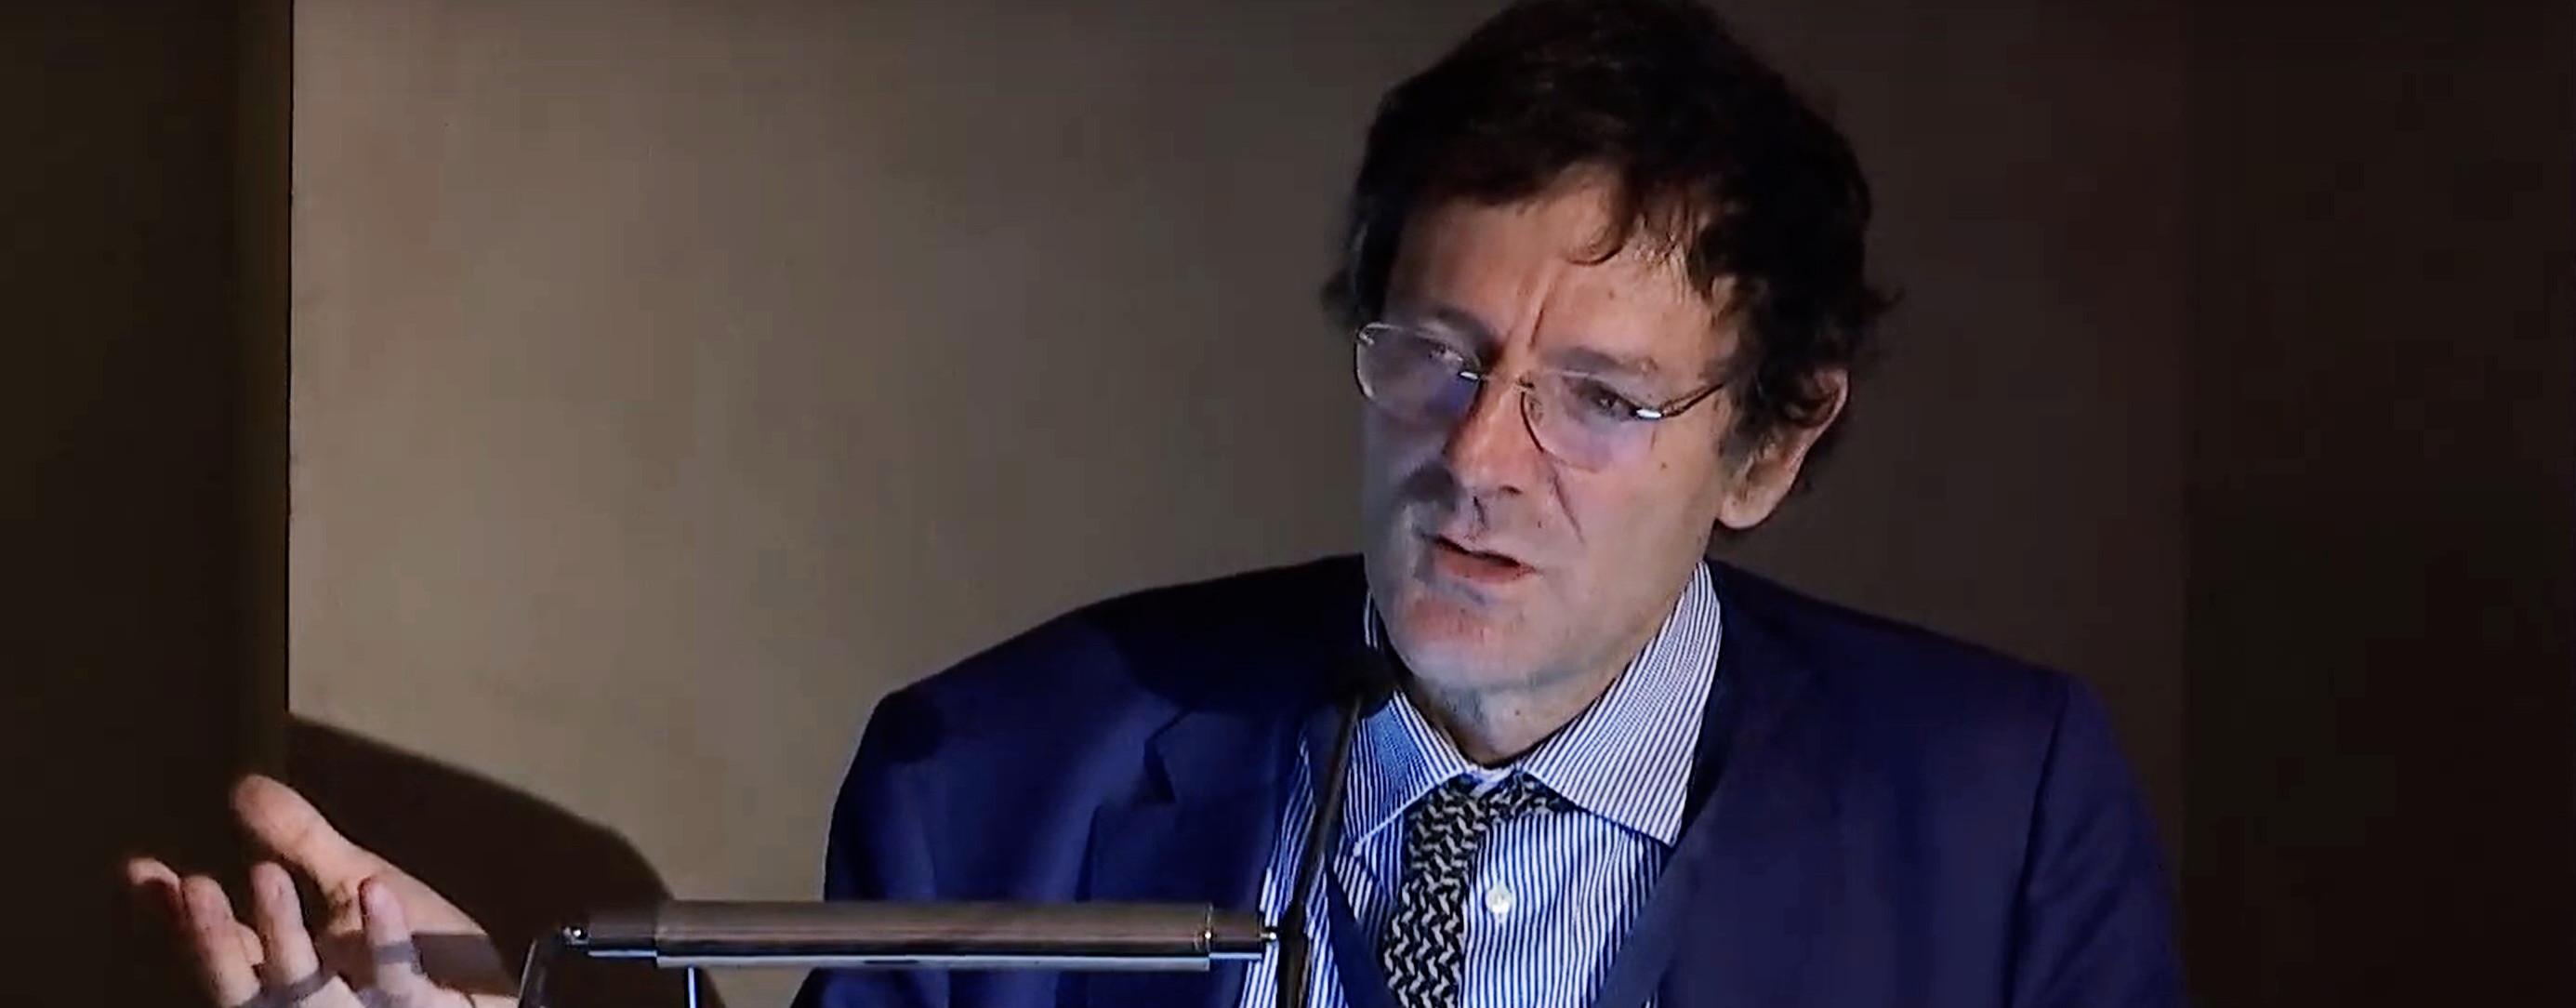 Il Prof. Leonardo Becchetti durante la sua relazione al CLAL Dairy Forum 2018